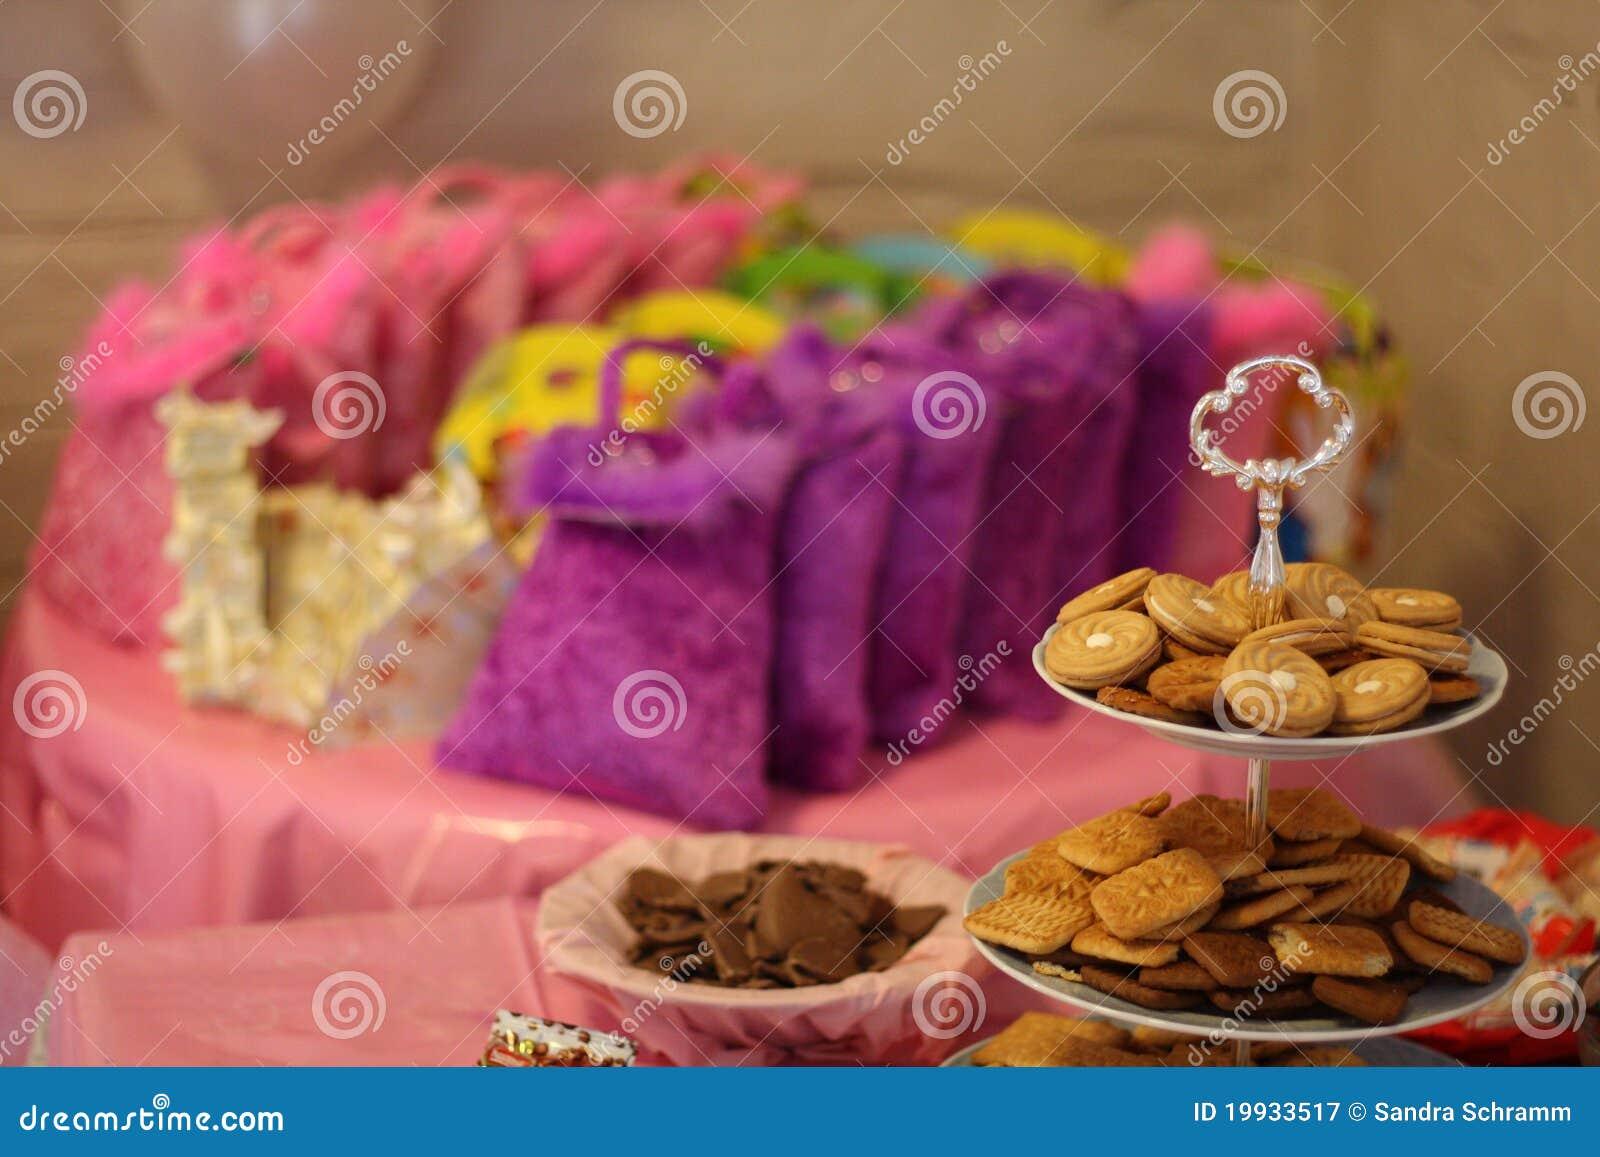 Stock libera da diritti: festa di compleanno del bambino di 1 anno